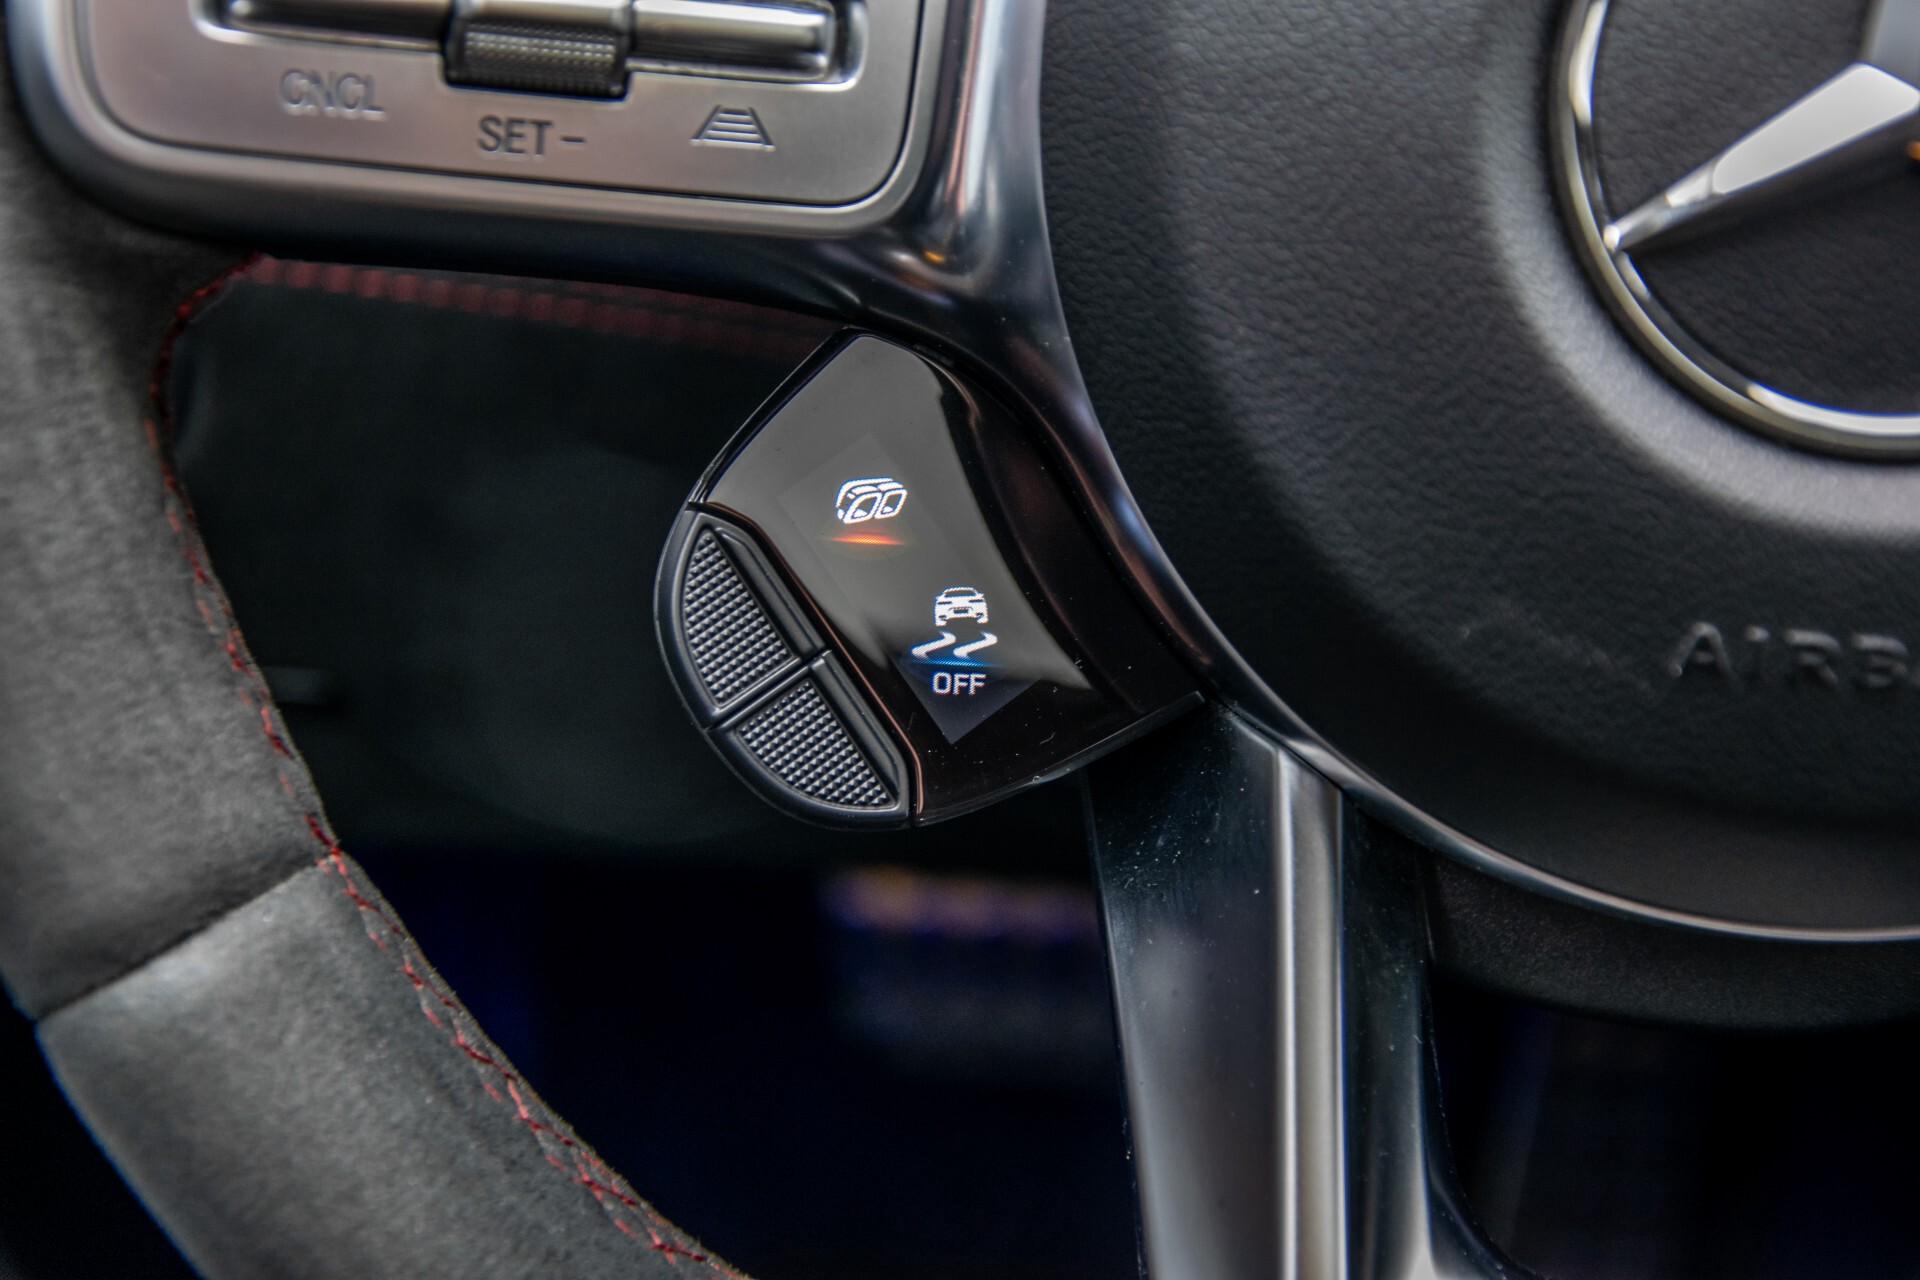 Mercedes-Benz AMG GT 4-Door Coupe 63 S 4M+ Keramisch/Full Carbon/Aerodynamica/Burmester 3D/TV/Performance stoelen/Standkachel Aut9 Foto 11